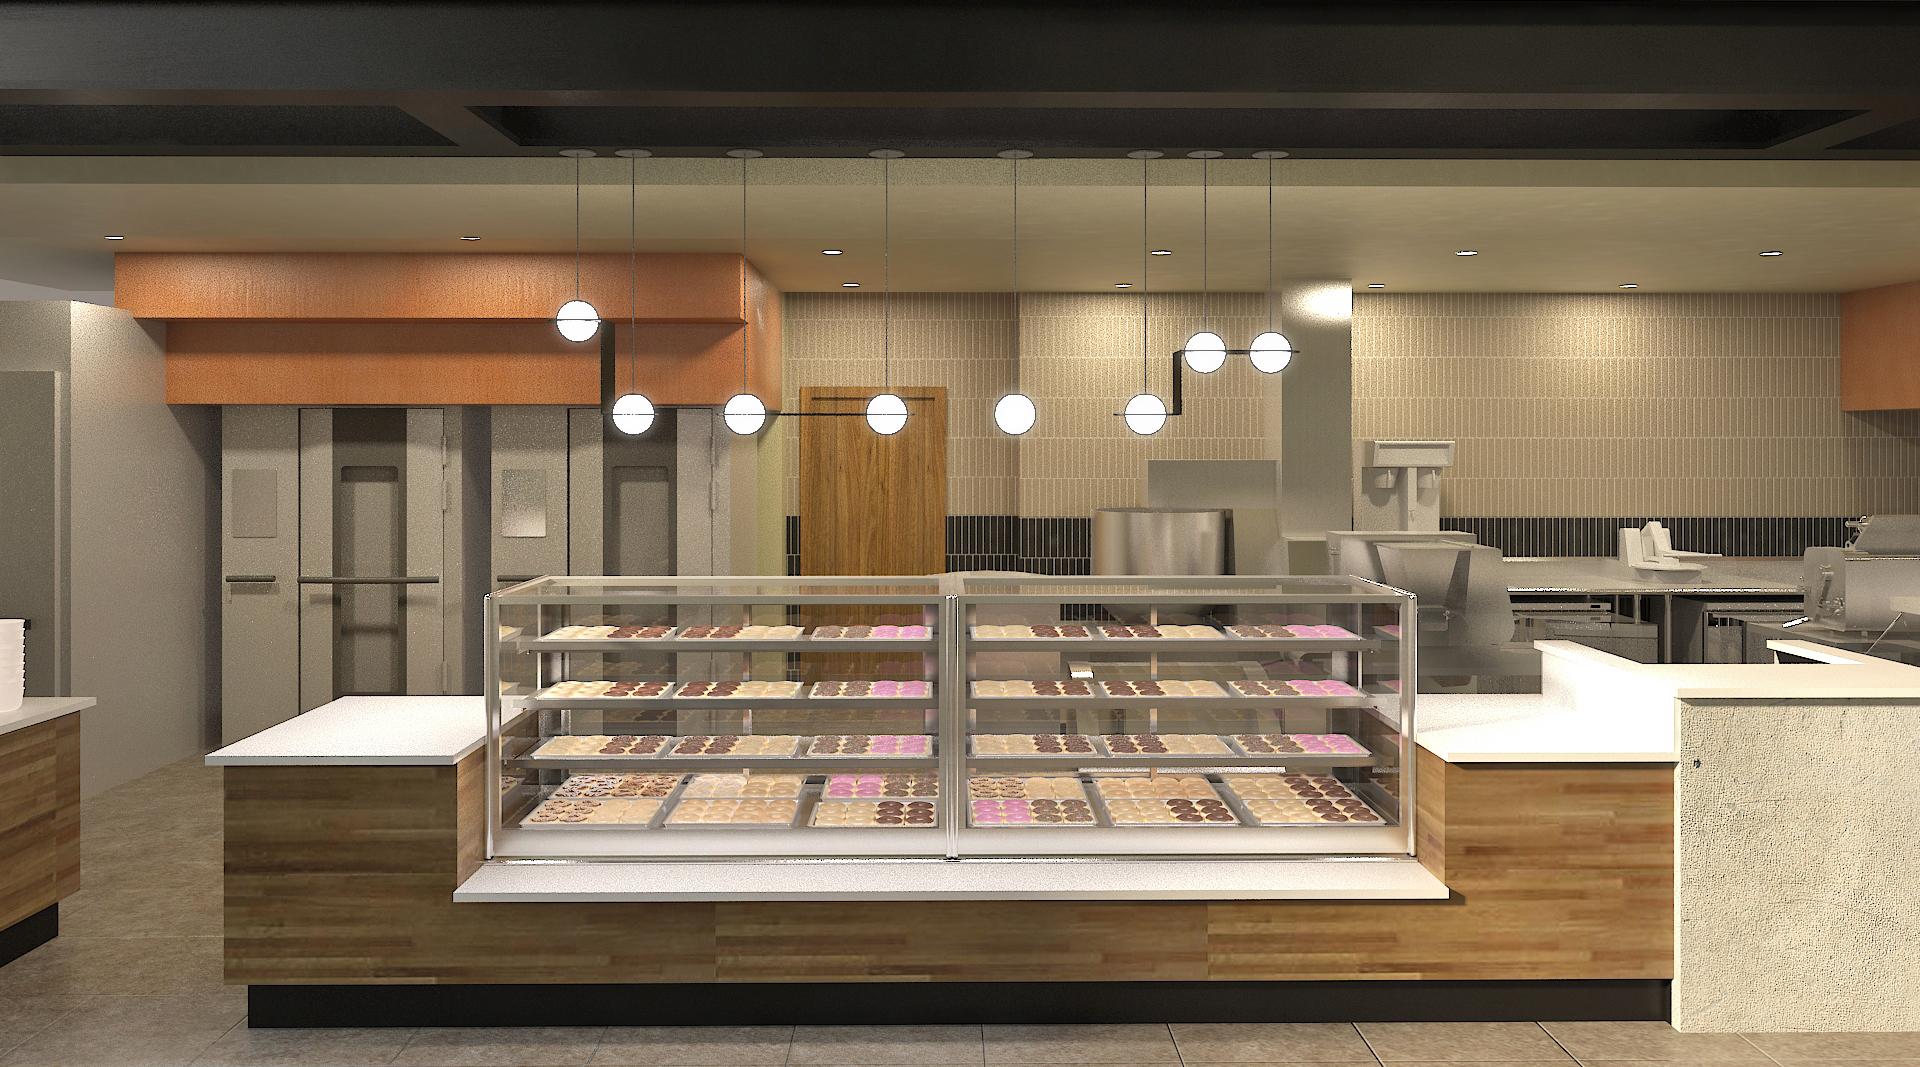 LAKESIDE - Bakery